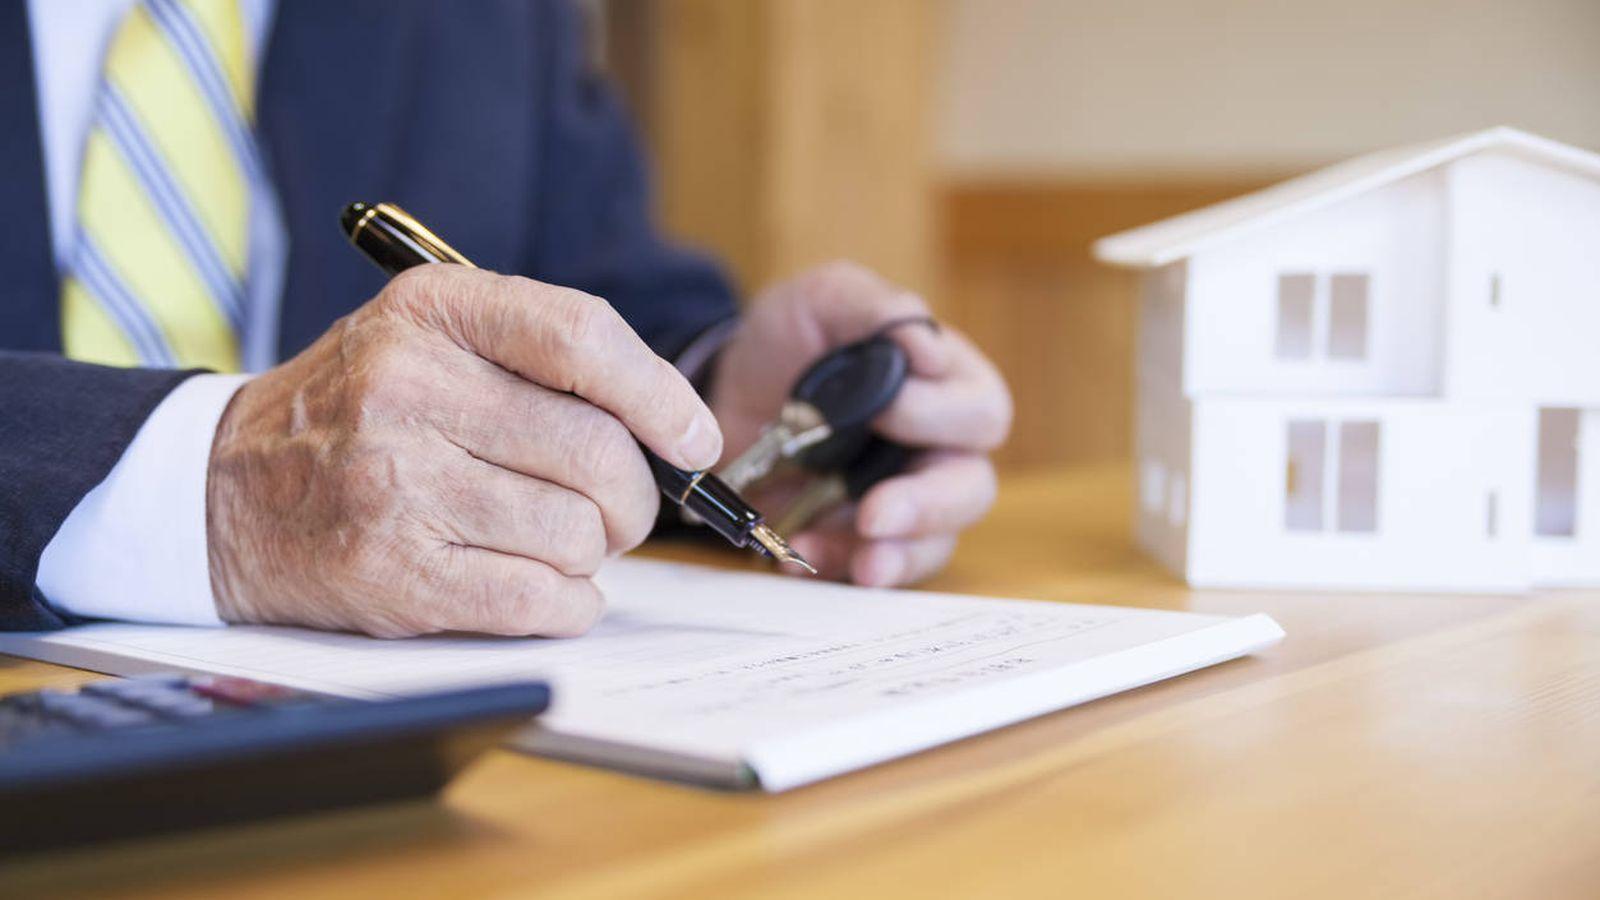 Foto: TIN o TAE, ¿sabes en qué debes fijarte a la hora de elegir hipoteca?